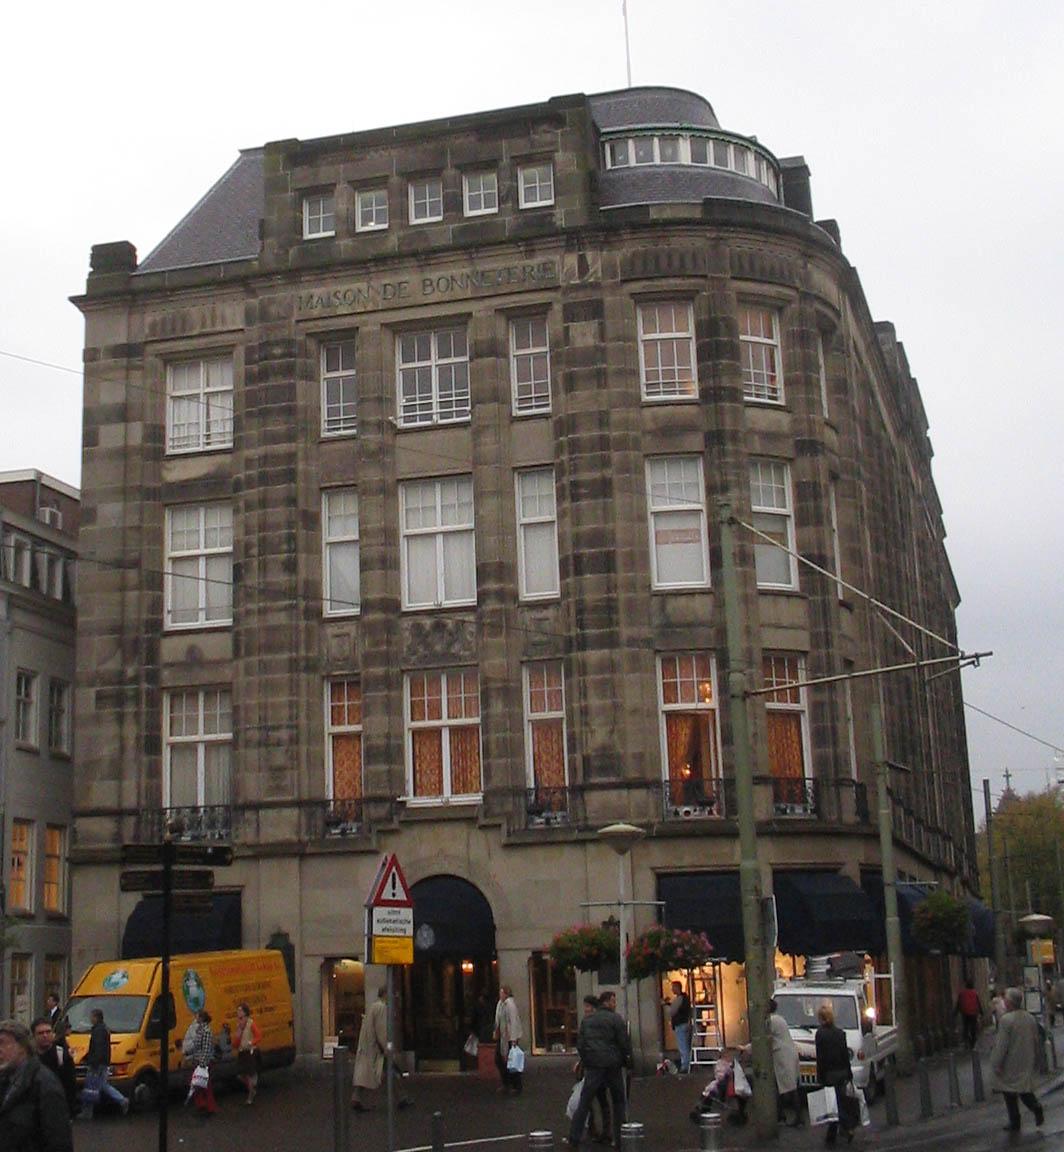 Dutch And Company >> Maison de Bonneterie - Wikipedia